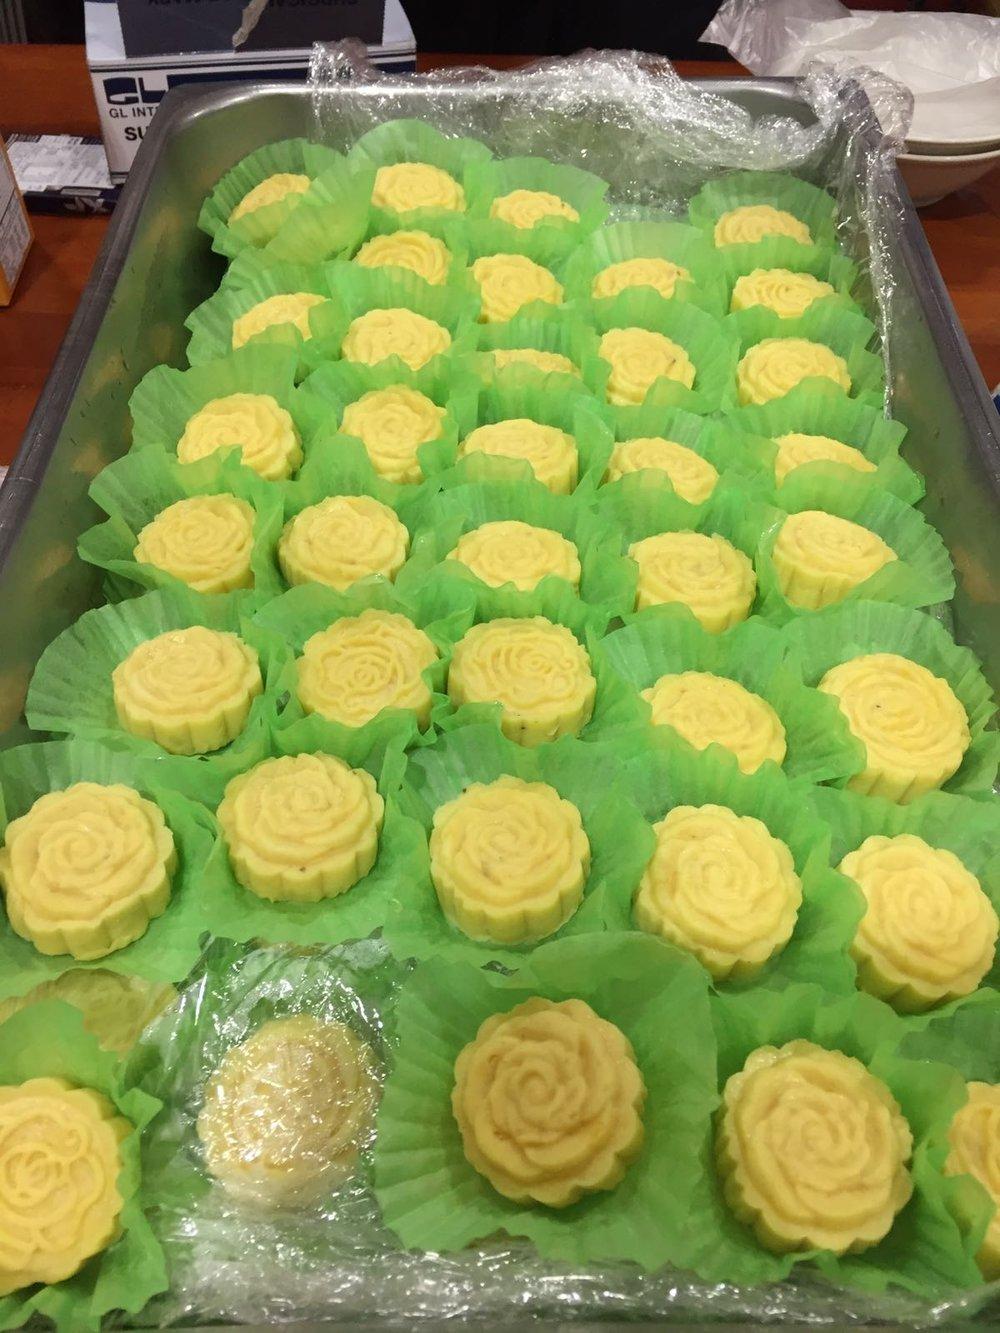 绿豆粉加苦菜油的玫瑰花点心